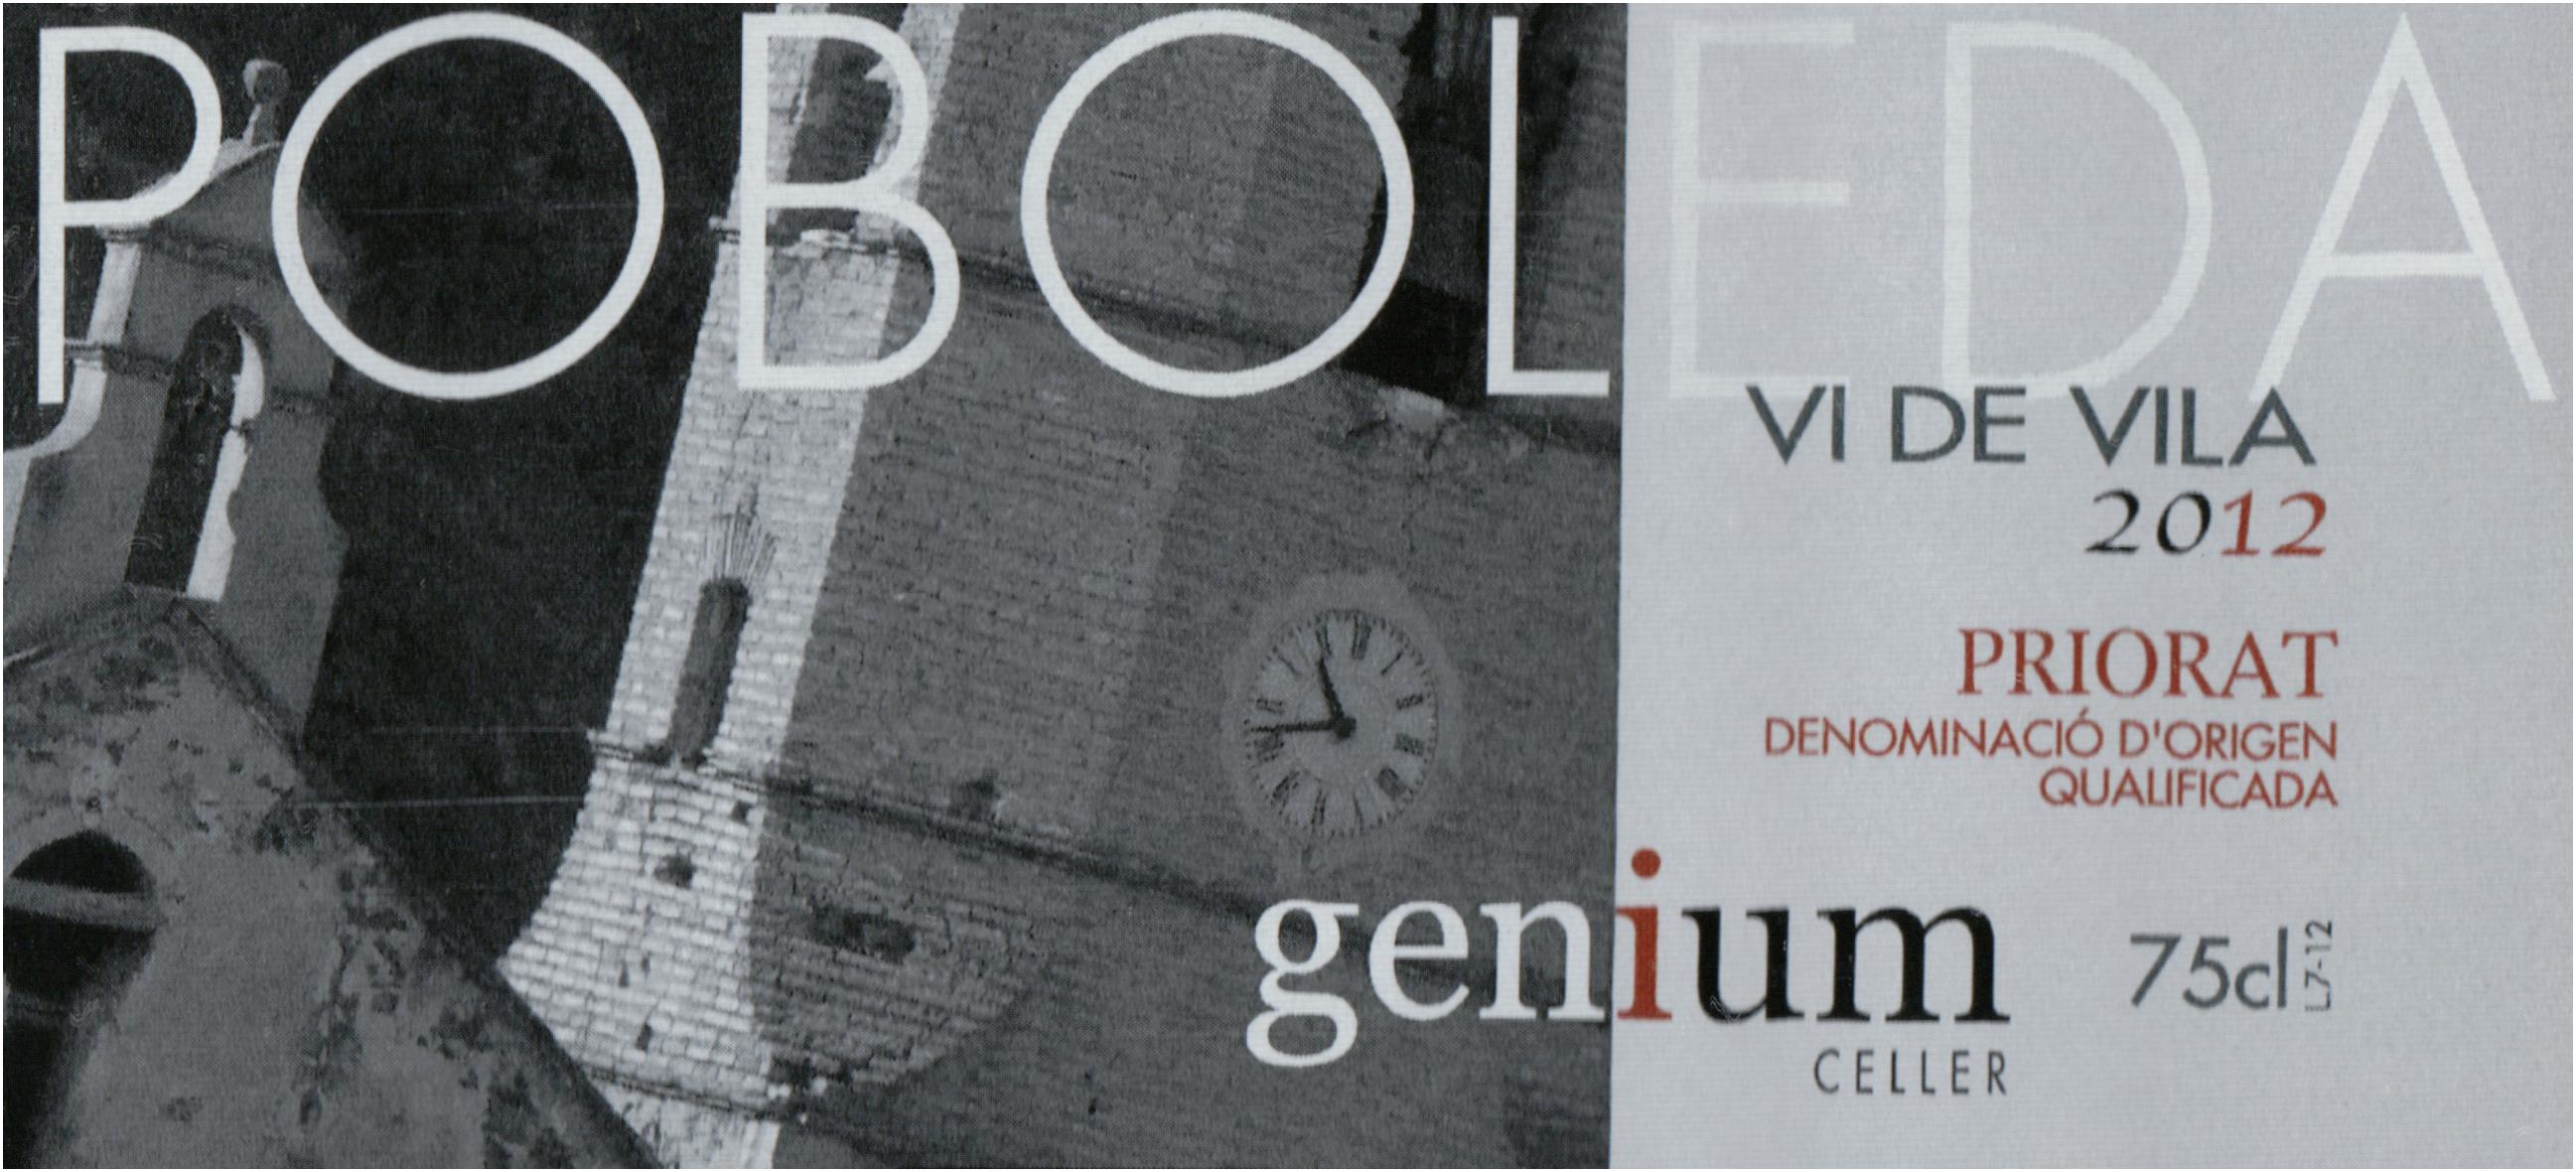 Genium Celler Vi De Villa Priorat 2012